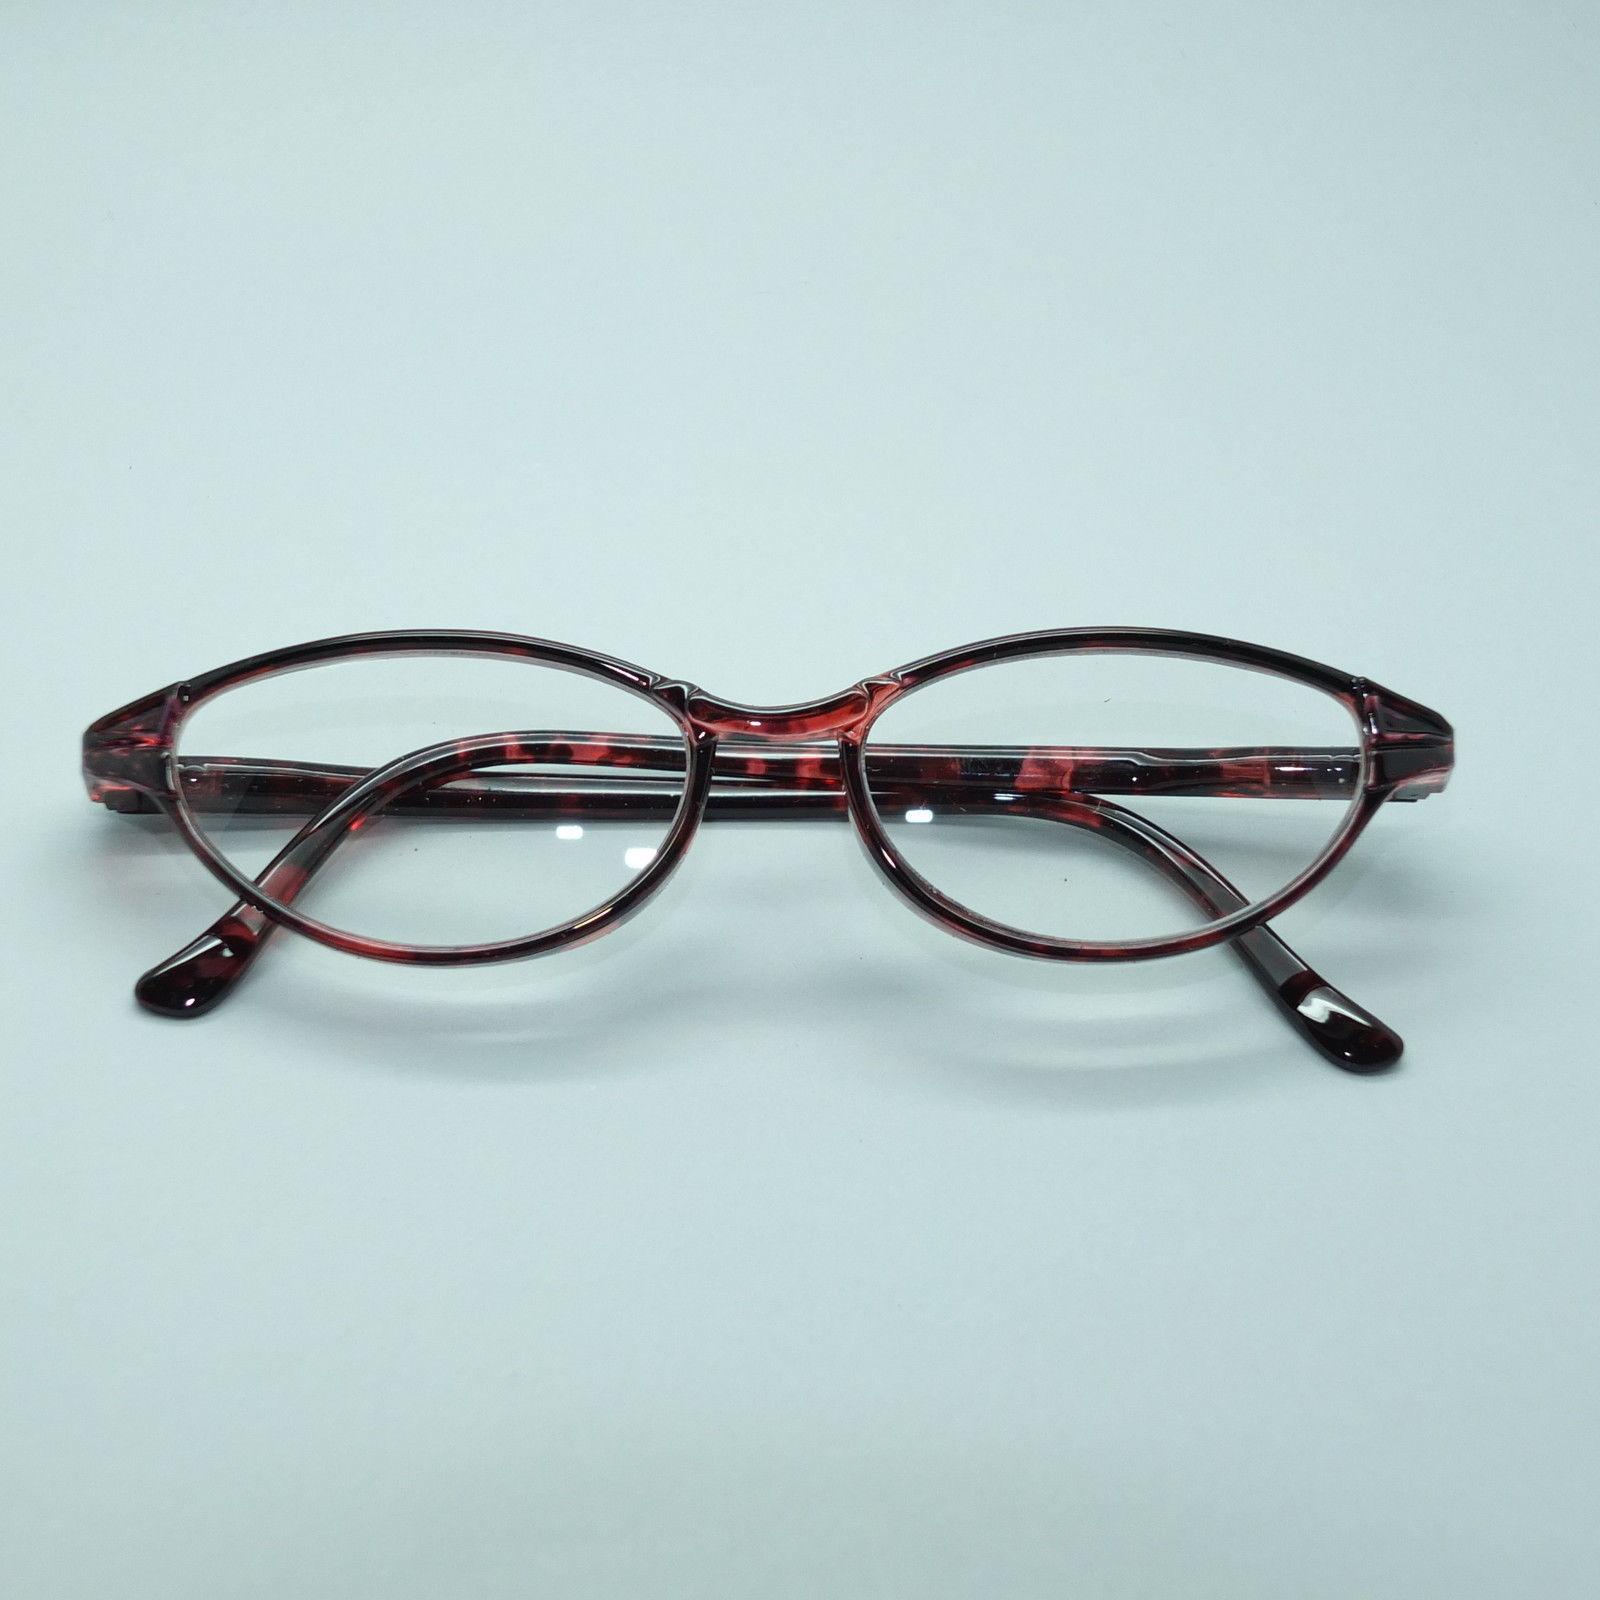 Funky Oval Hot Cat Reading Glasses +1.25 Lens Pink Black Lightweight Frames